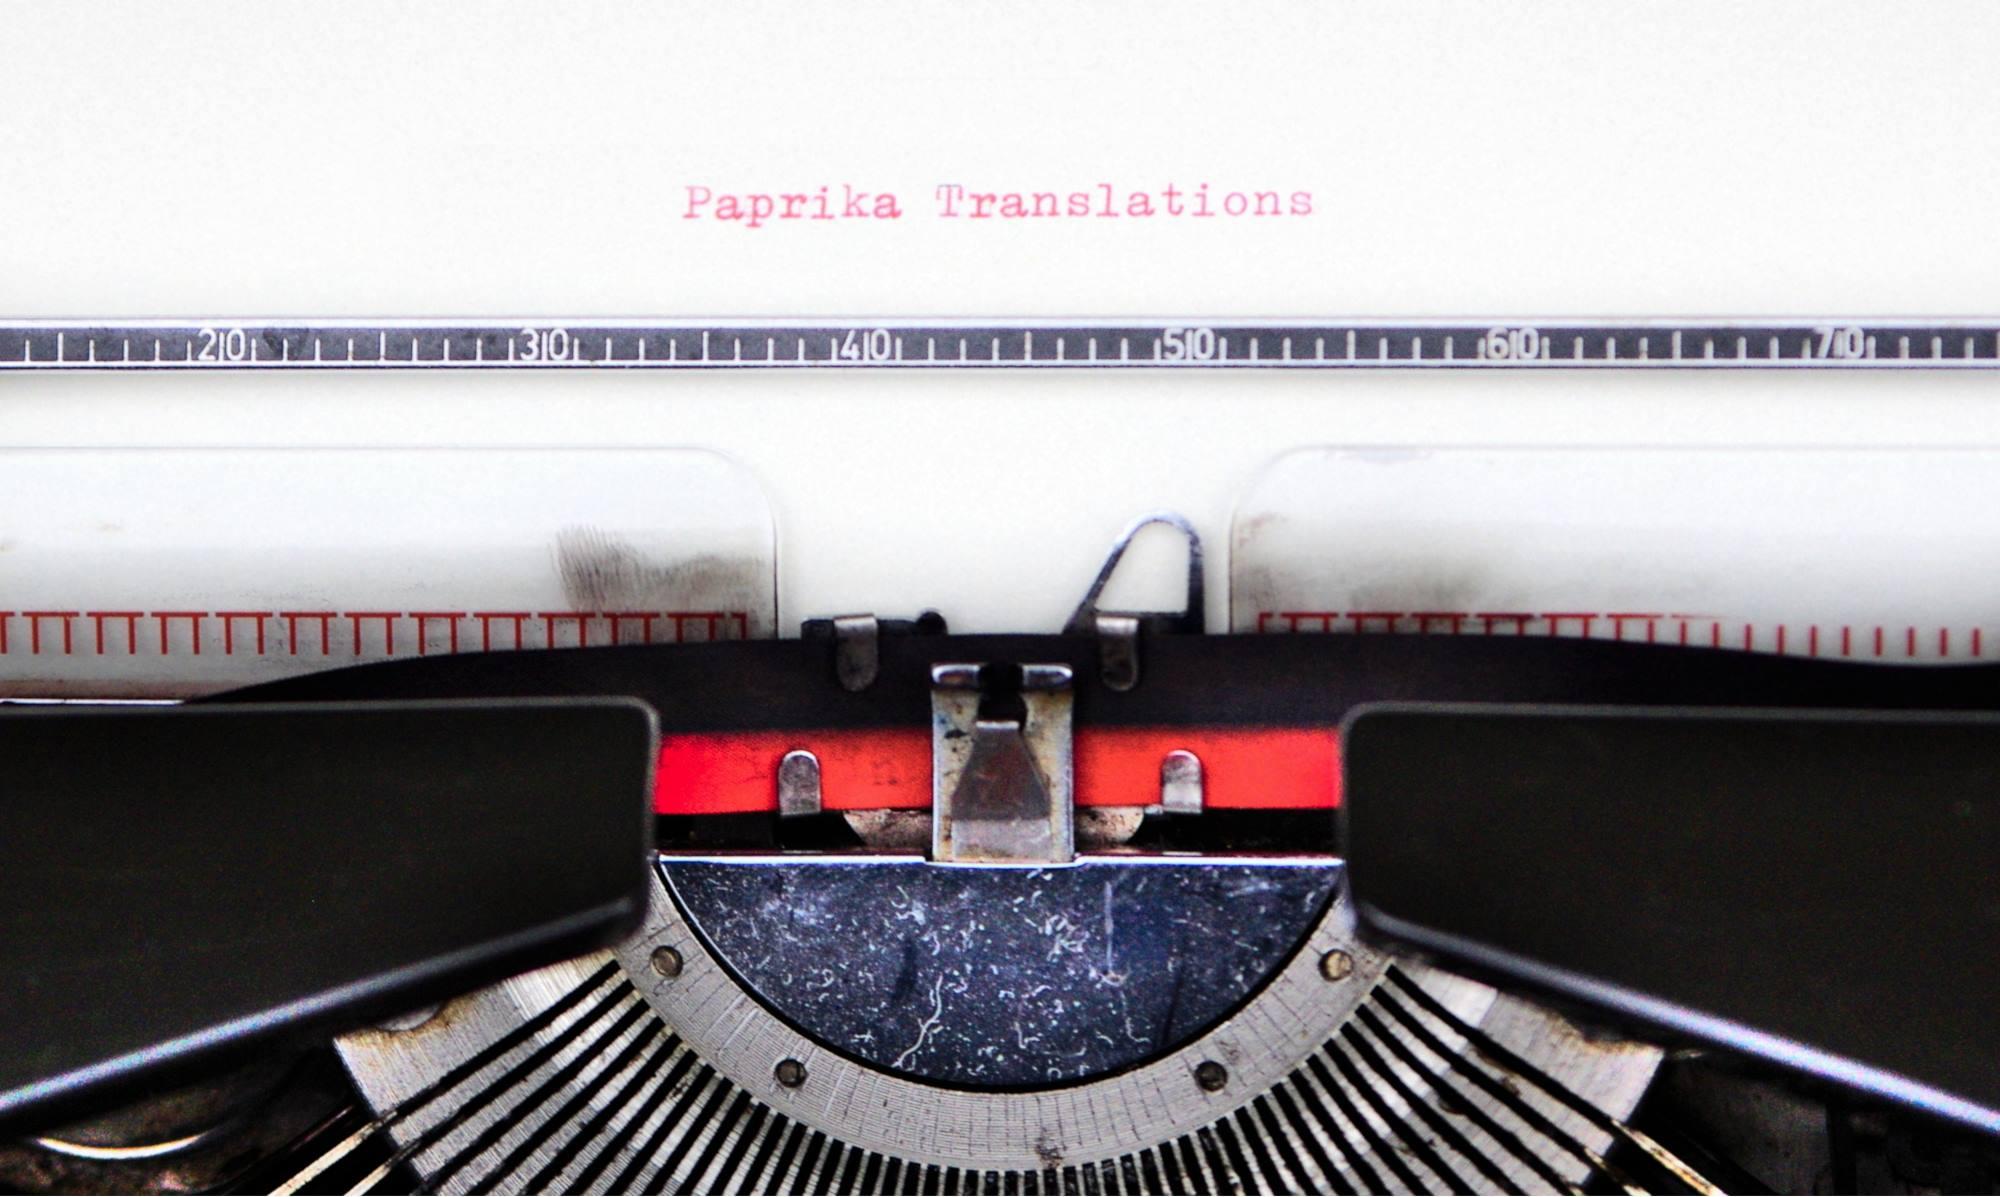 Paprika Translations